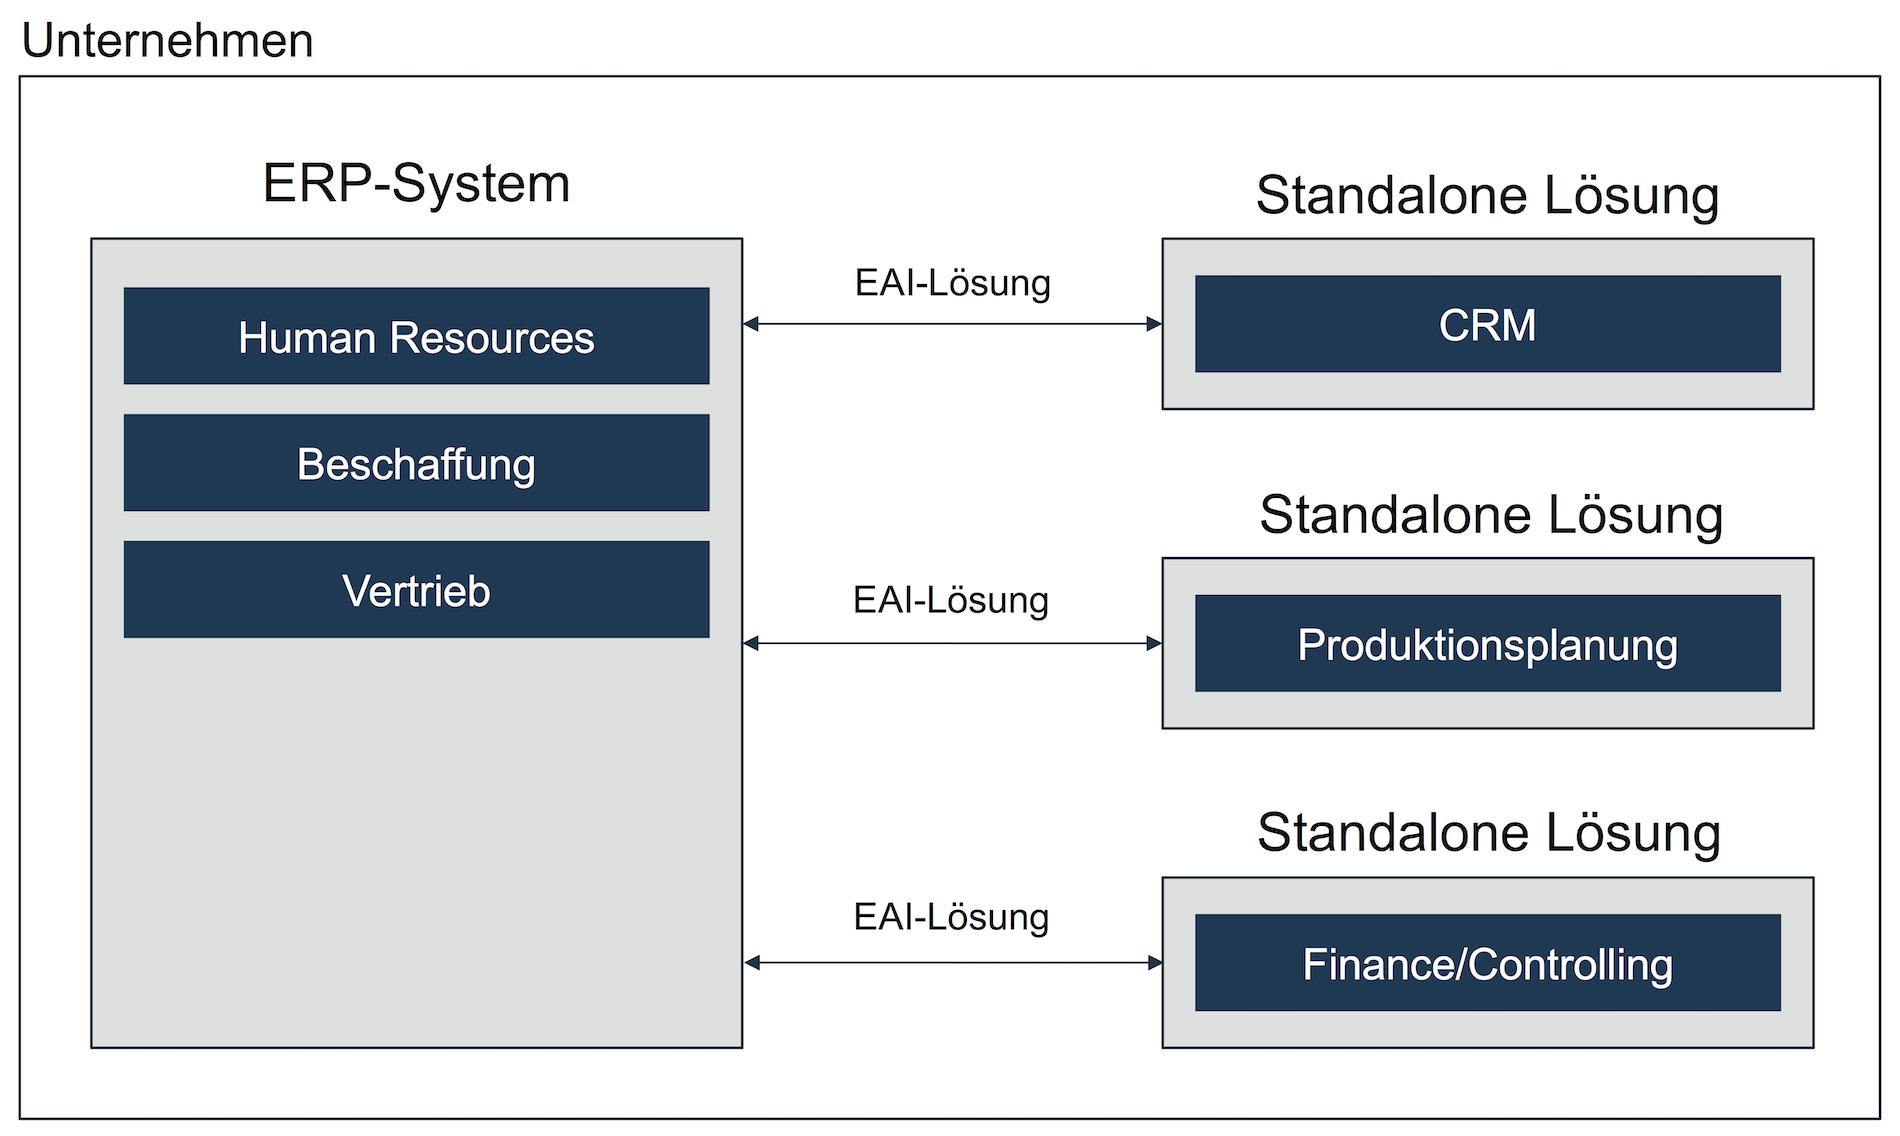 ERP-System der Generation 2 - Best-of-Breed-Ansatz mit EAI